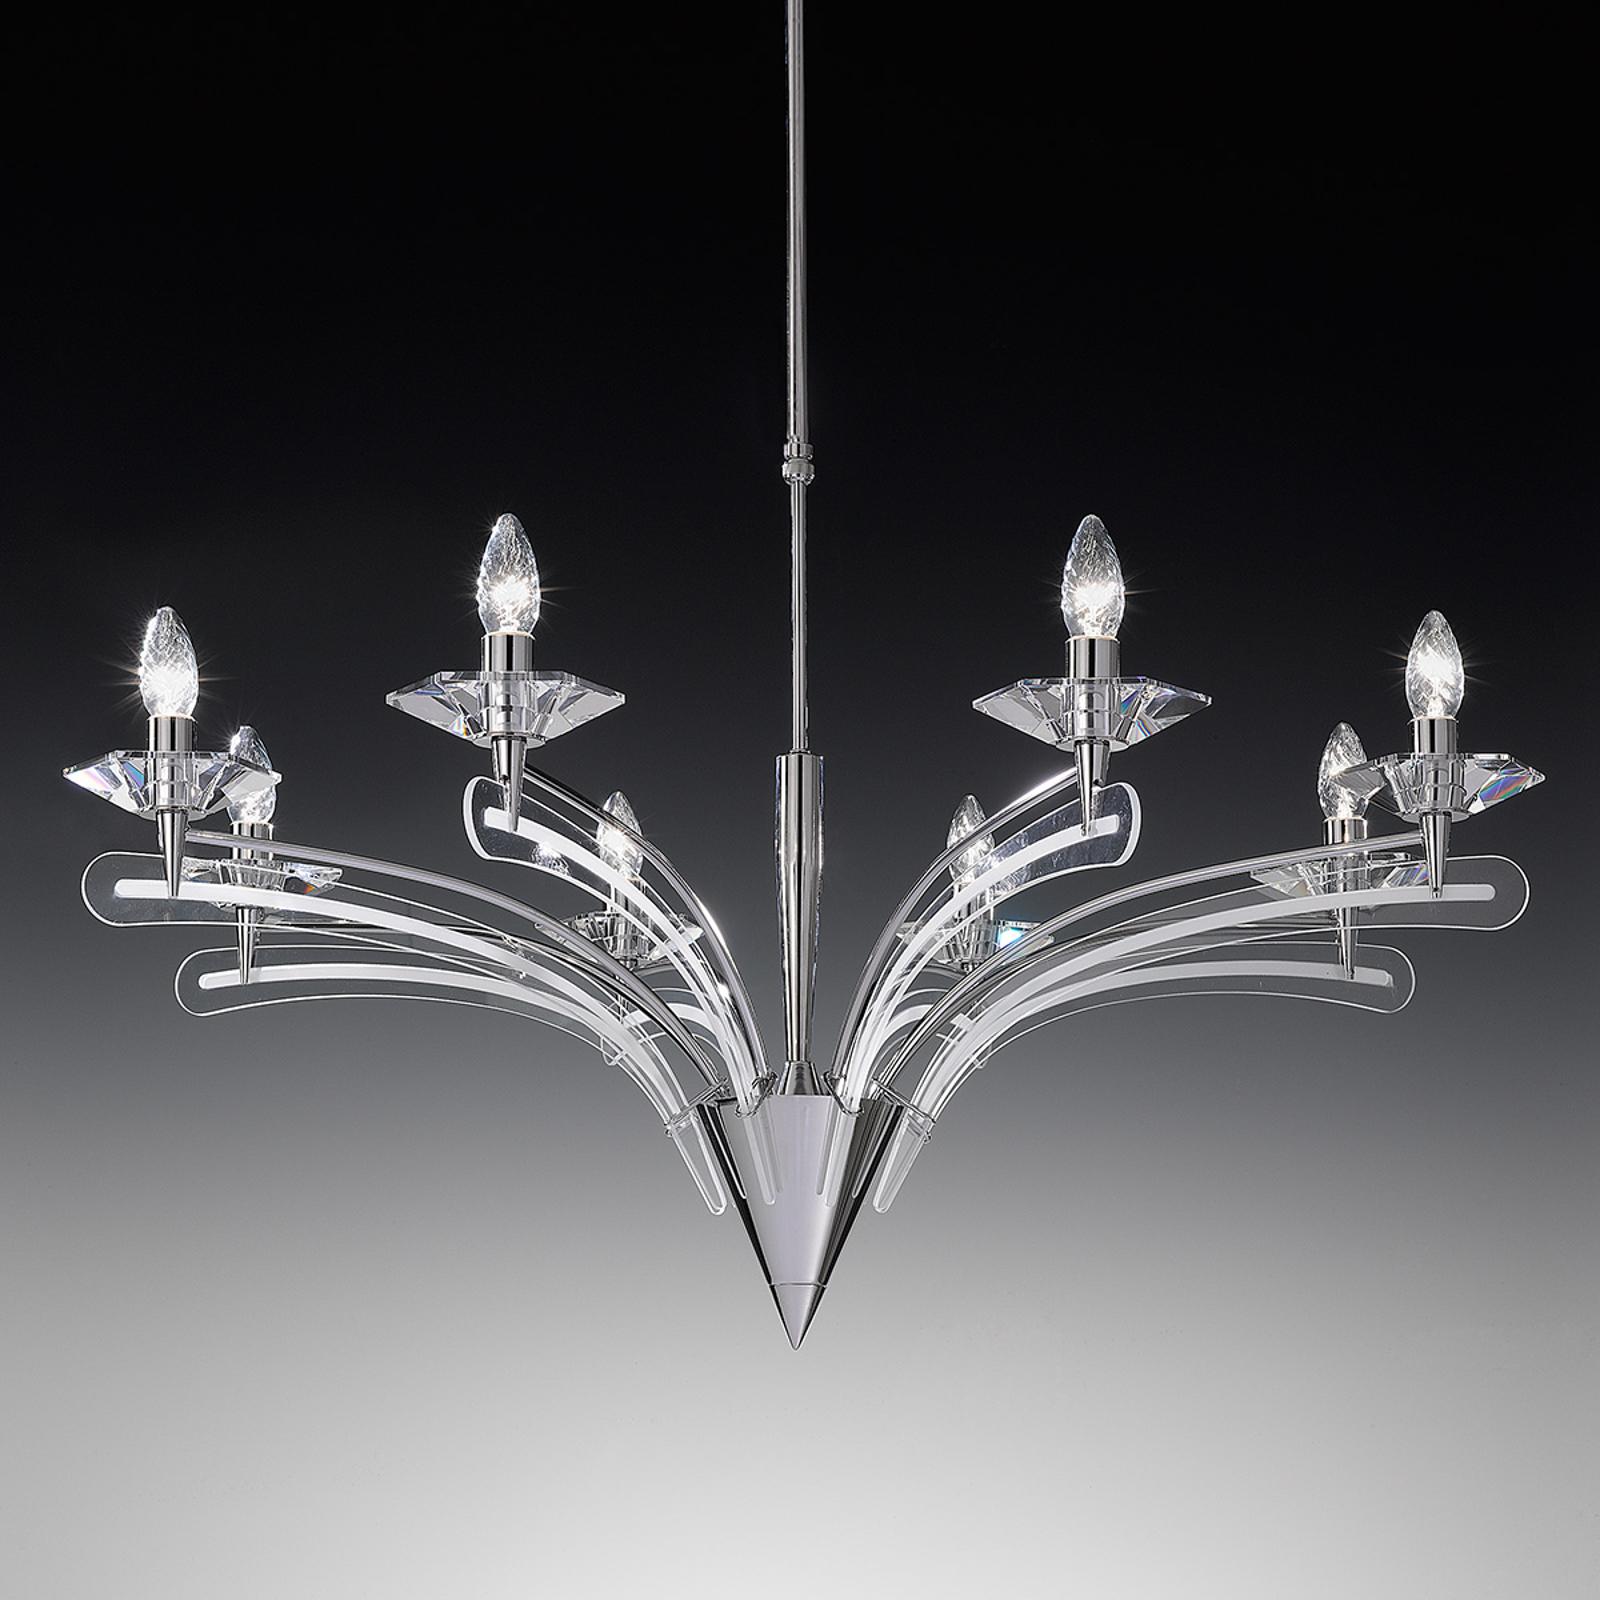 Kroonluchter ICARO m. kristalglas, 8-lichts, chroo